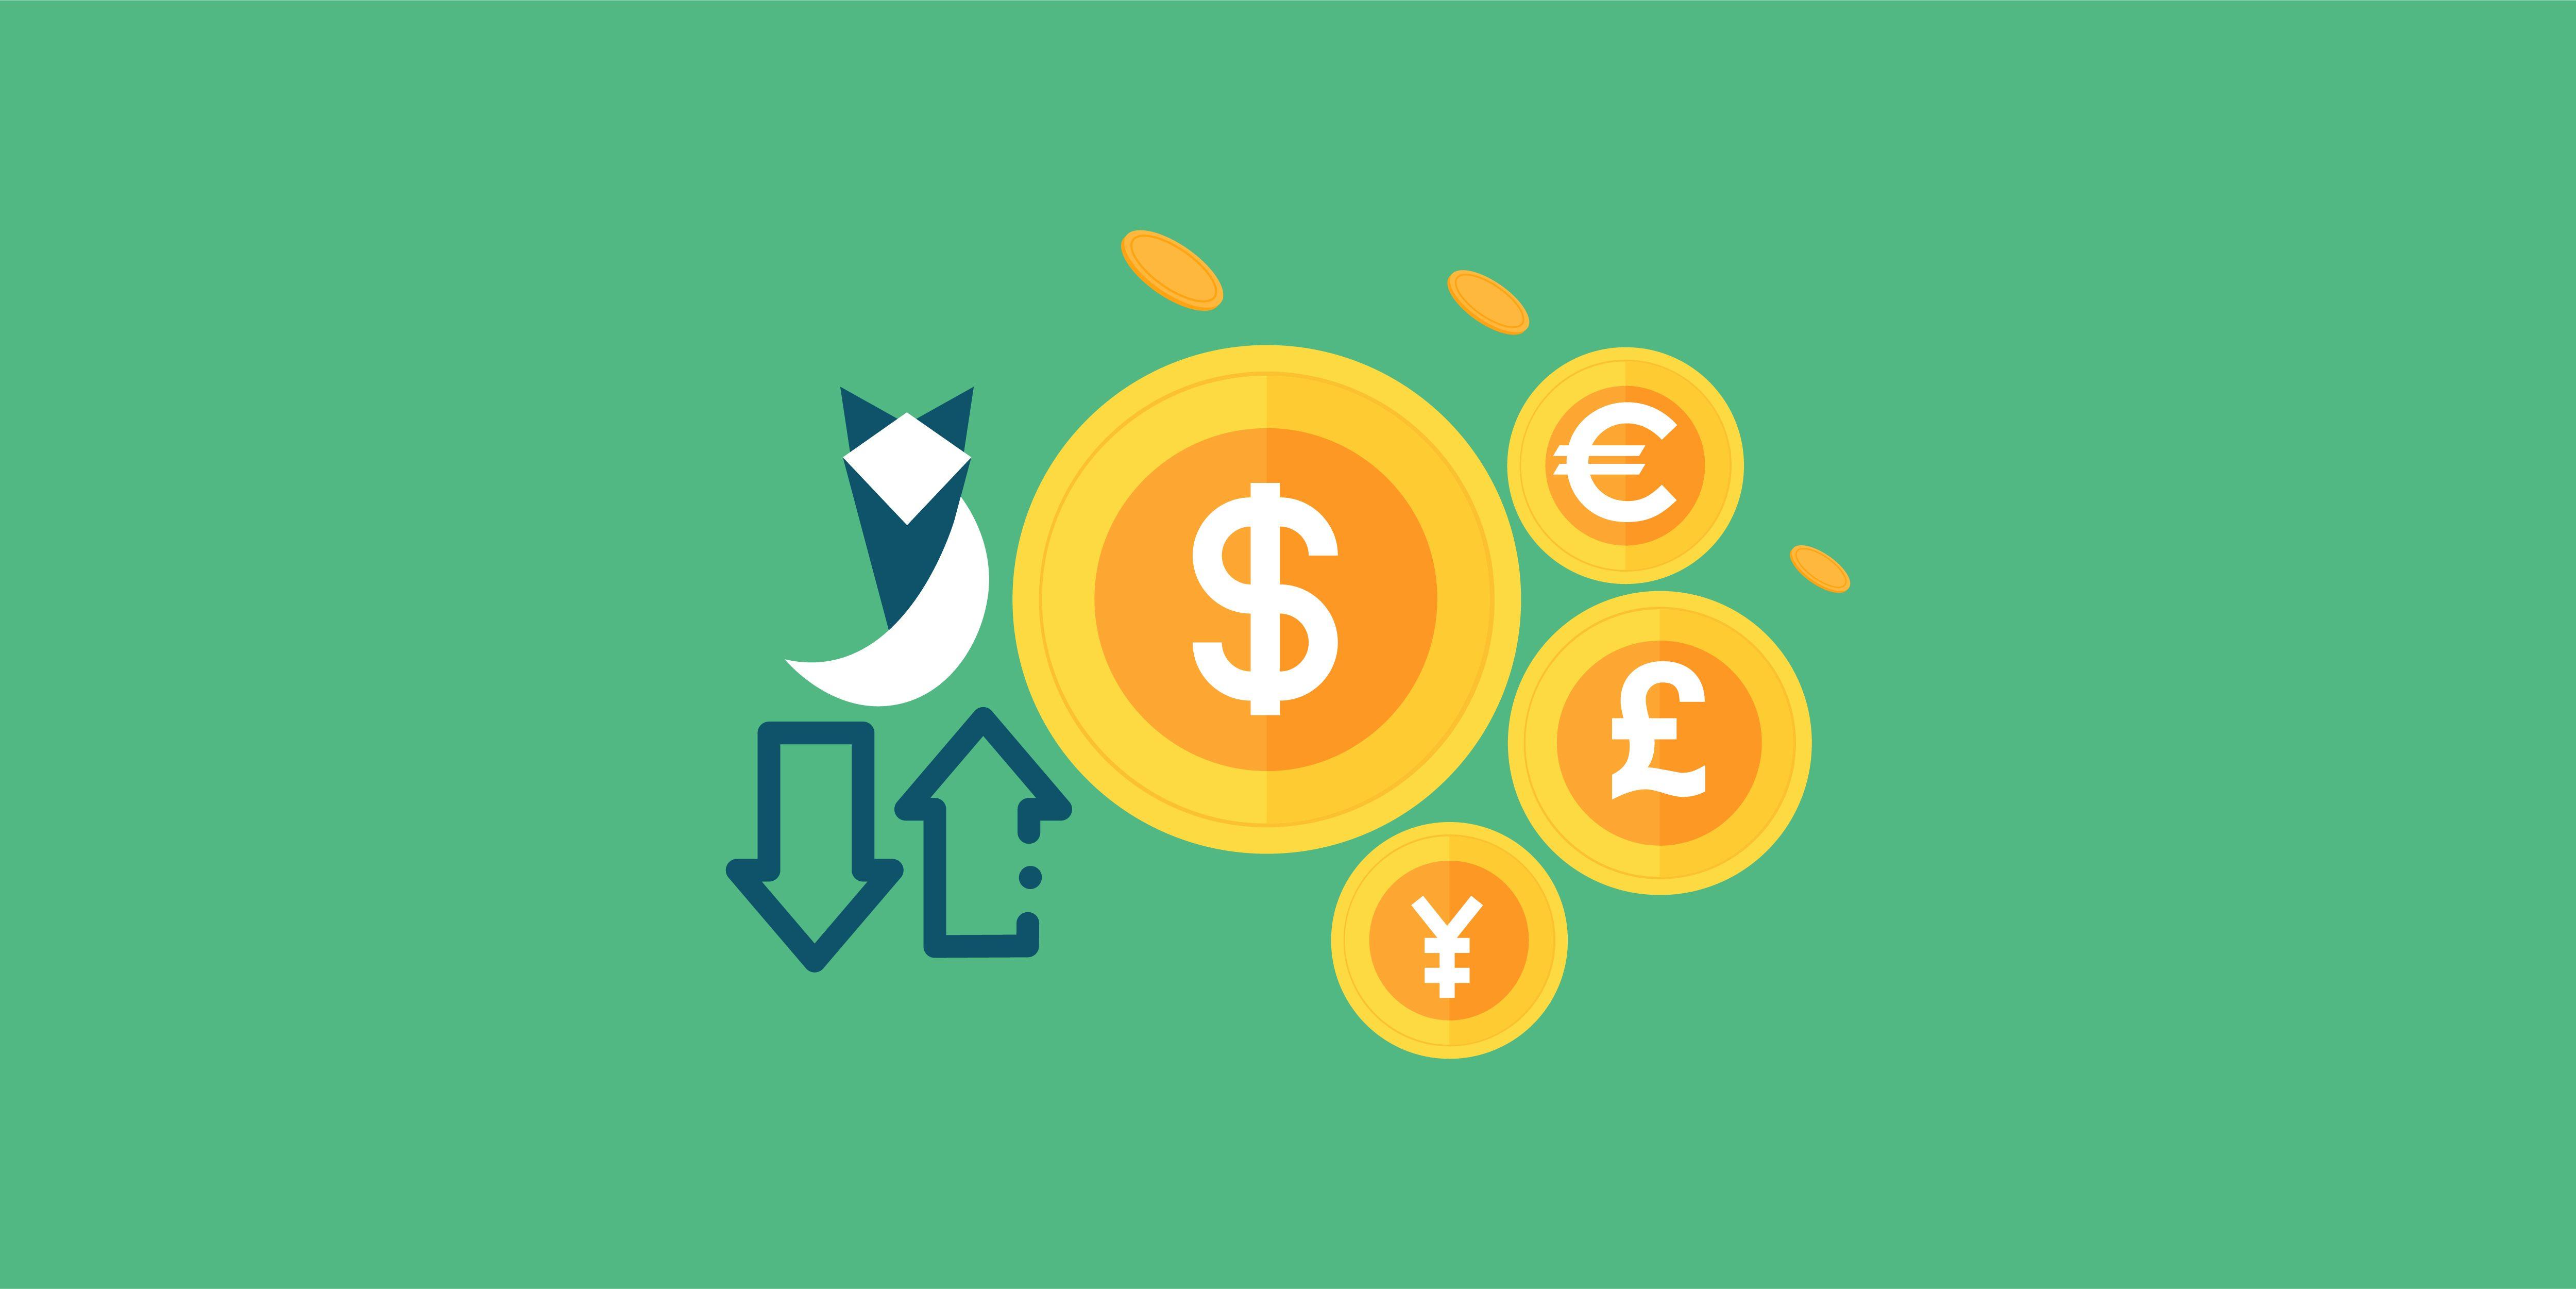 أسعار العملات الأجنبية اليوم: الأحد 12 سبتمبر 2021